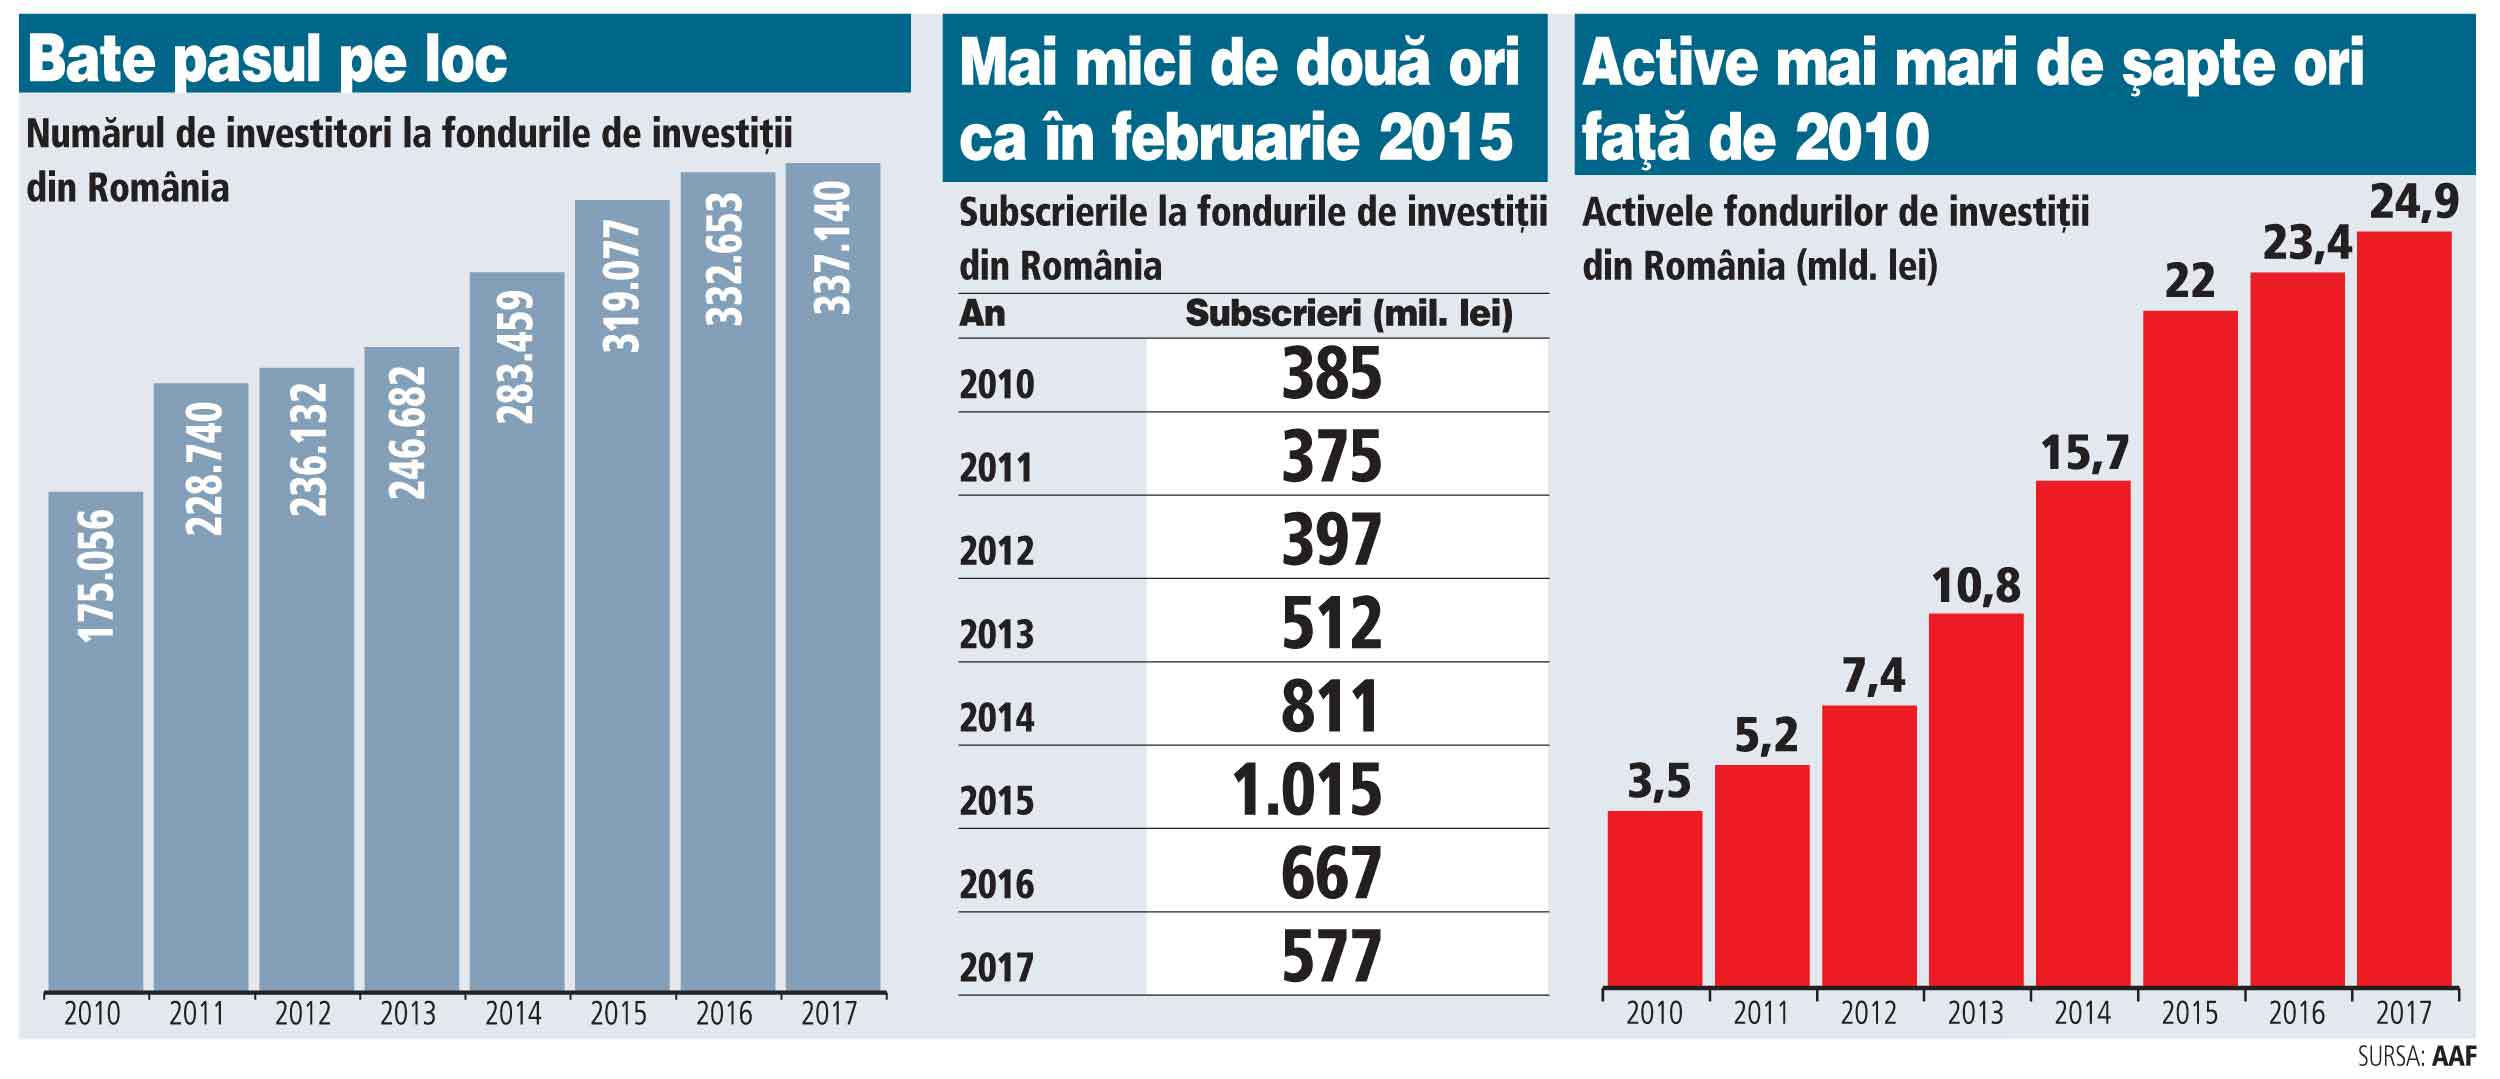 Numărul investitorilor în fonduri mutuale s-a dublat în şapte ani, dar din 2015 bate pasul pe loc